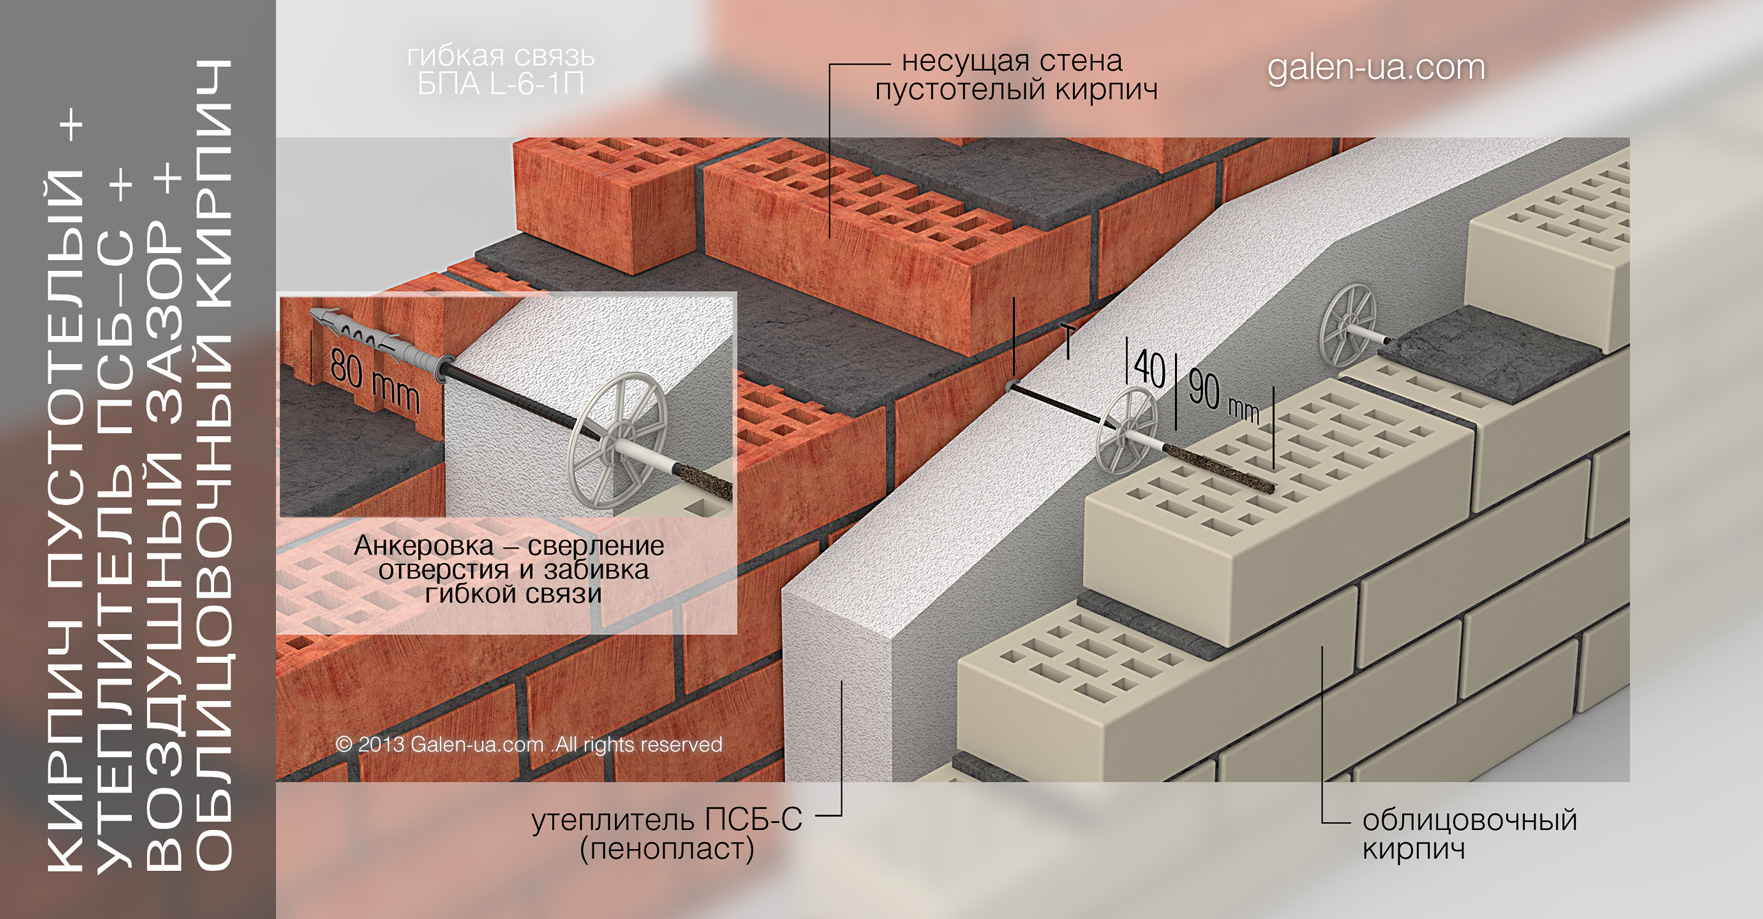 Гибкая связь БПА L-6-1П: Кирпич полнотелый + Утеплитель ПСБ-С+ Воздушный зазор + Облицовочный кирпич